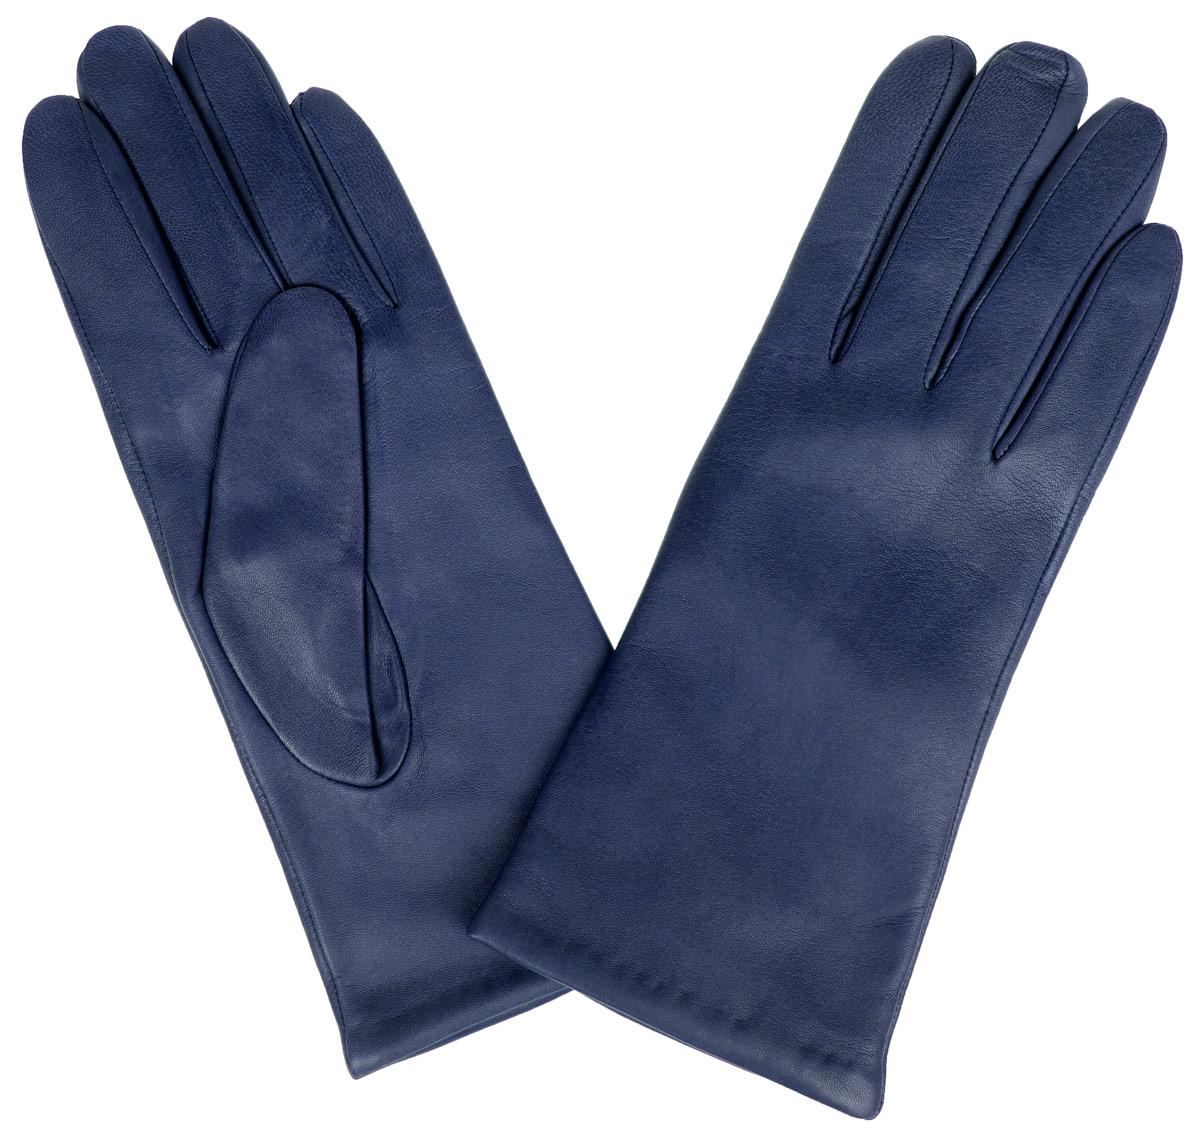 IS0190Стильные женские перчатки Eleganzza не только защитят ваши руки от холода, но и станут великолепным украшением. Перчатки выполнены из натуральной кожи ягненка, подкладка - из 100% искусственного шелка. В настоящее время перчатки являются неотъемлемой принадлежностью одежды, вместе с этим аксессуаром вы обретаете женственность и элегантность. Перчатки станут завершающим и подчеркивающим элементом вашего стиля и неповторимости.